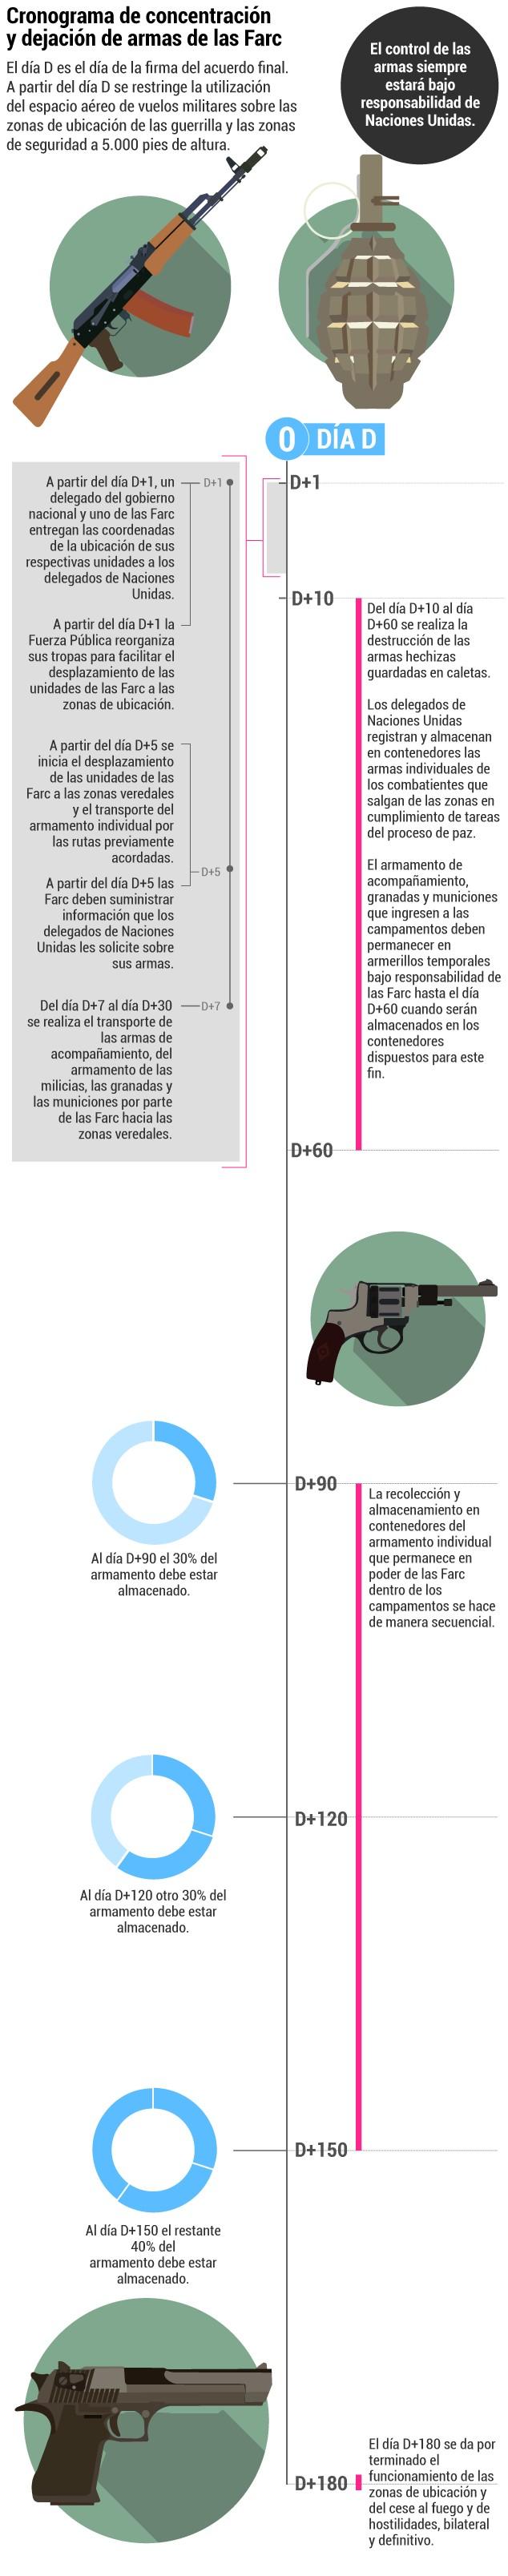 Colombia por una paz estable y duradera junio 2016